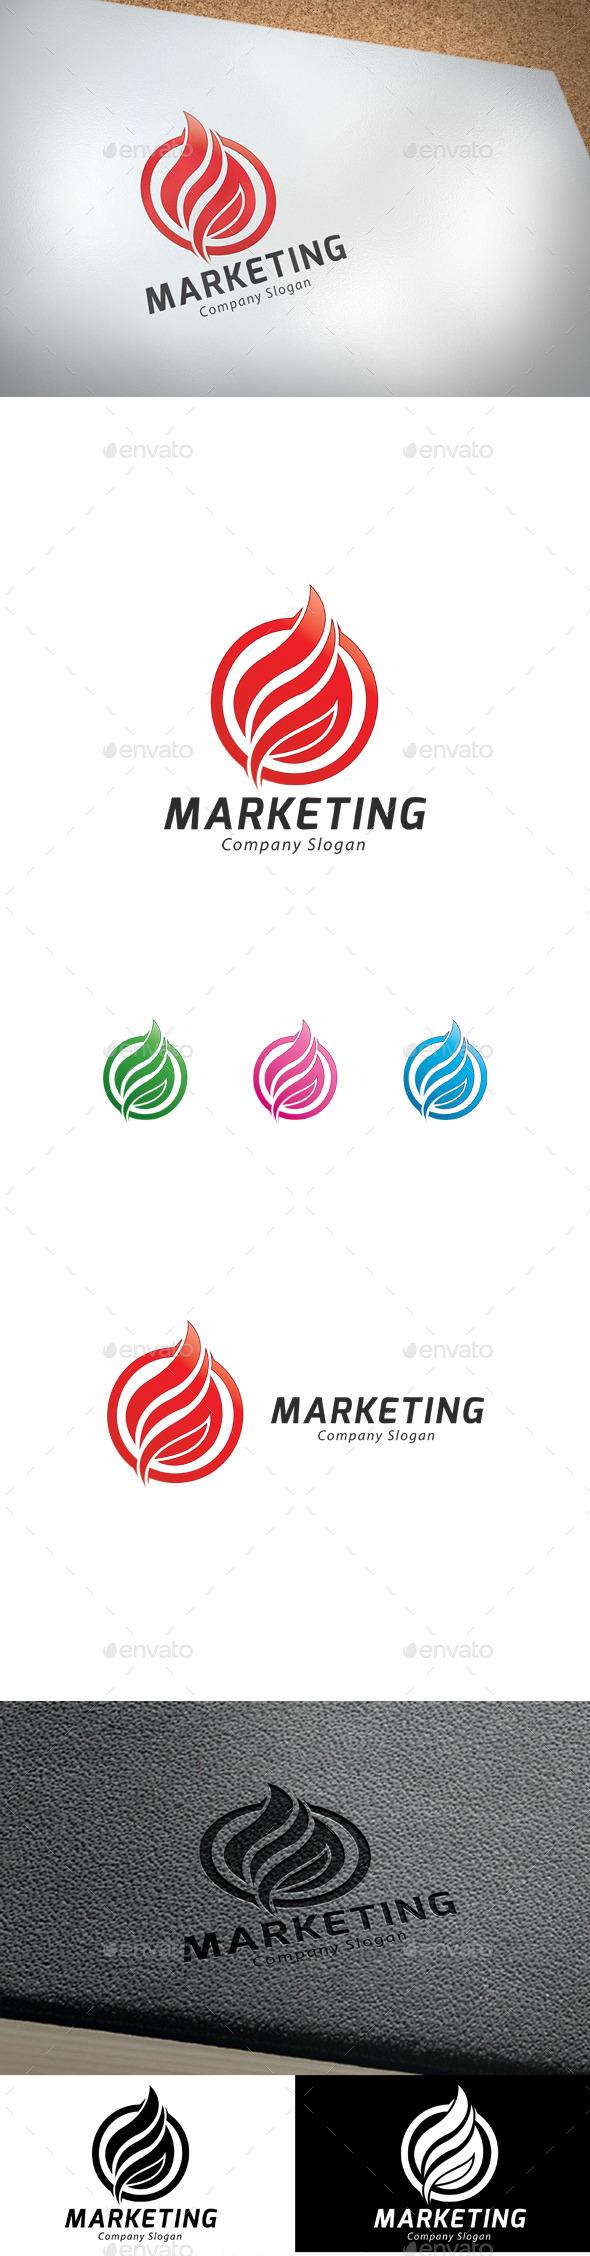 GraphicRiver Marketing Logo 9377751